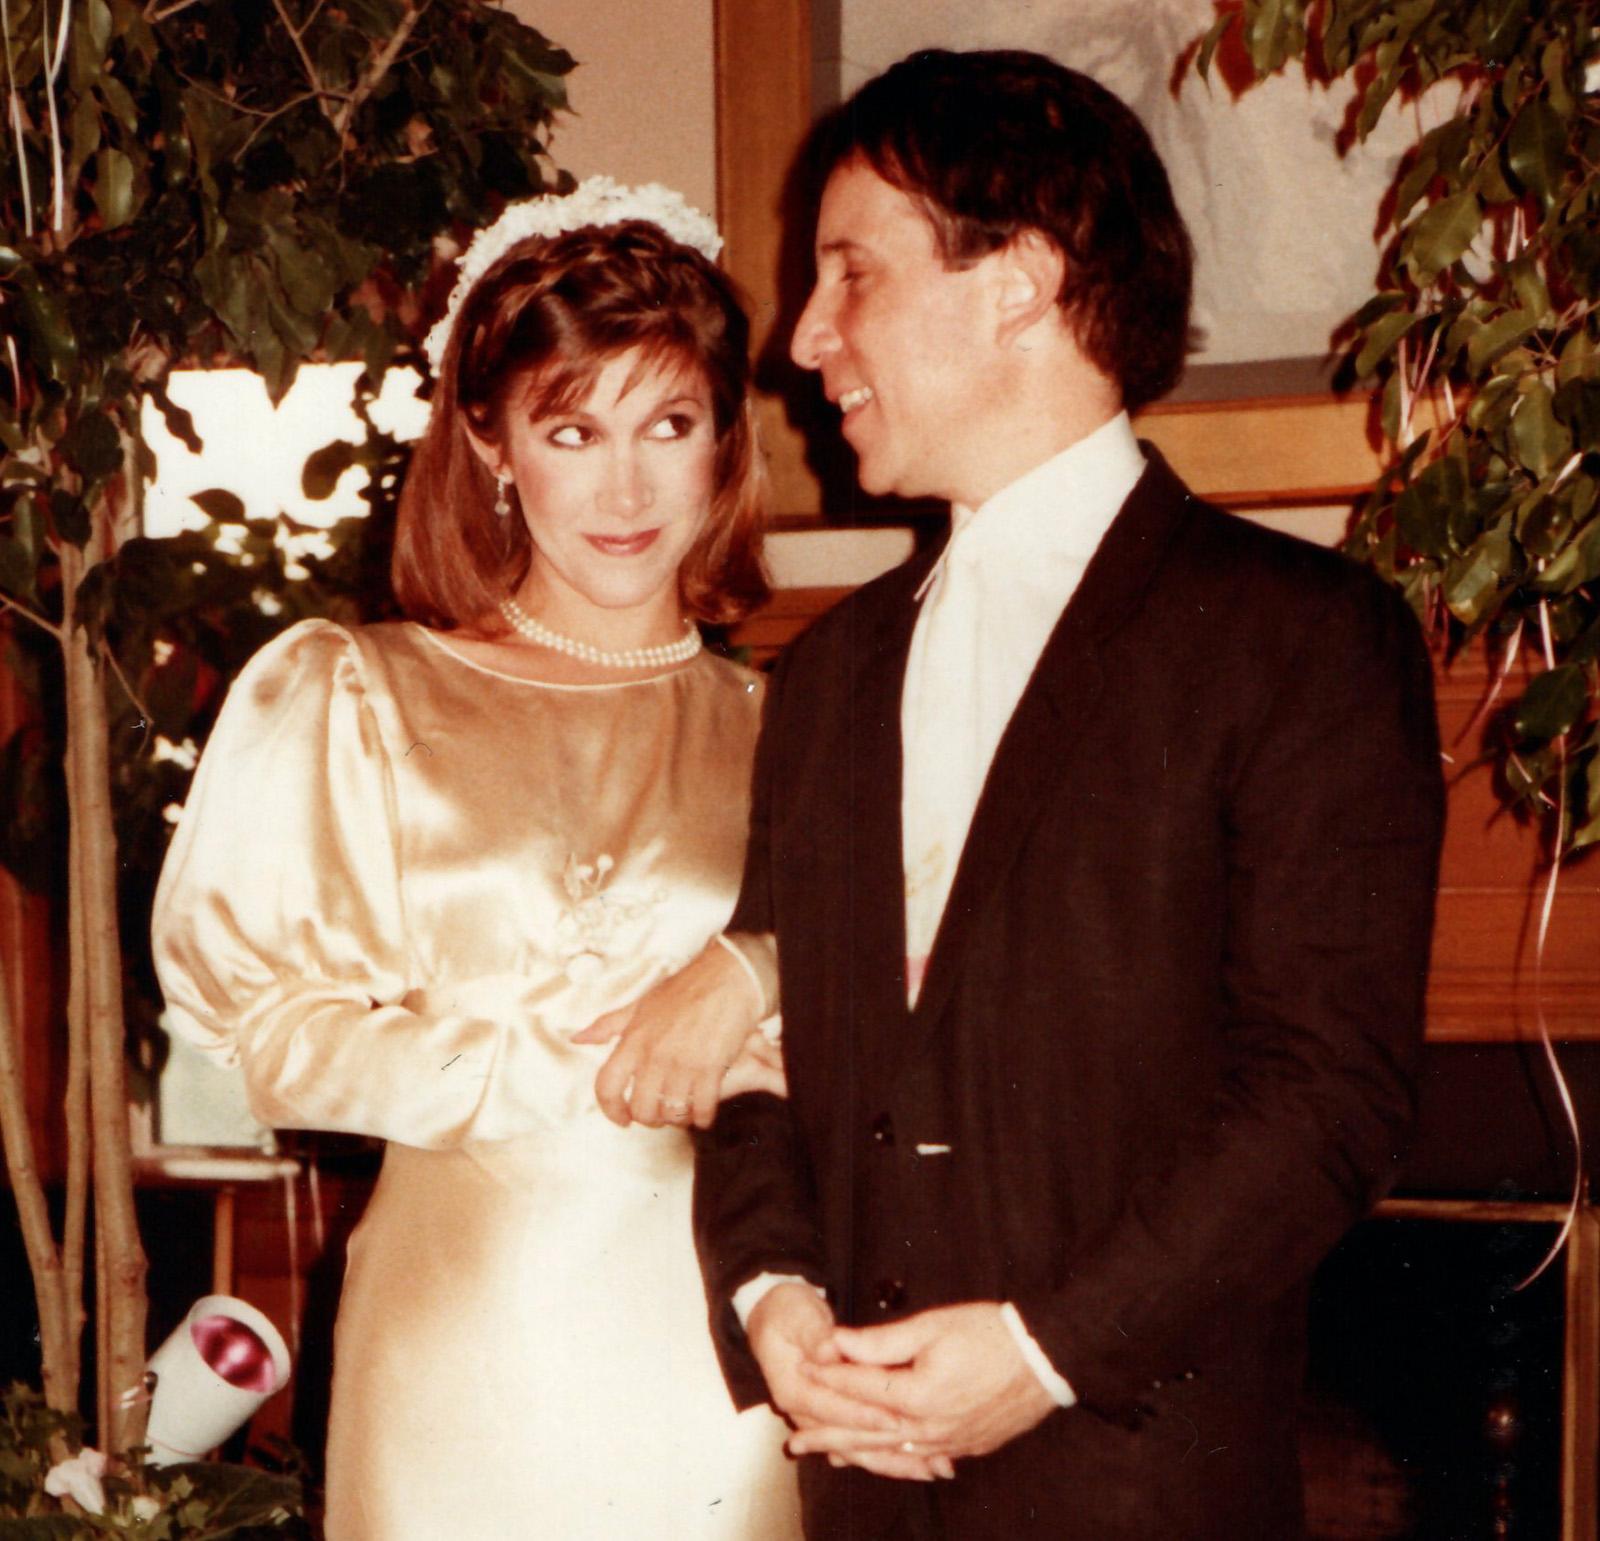 CARRIE AND PAUL SIMON'S WEDDING